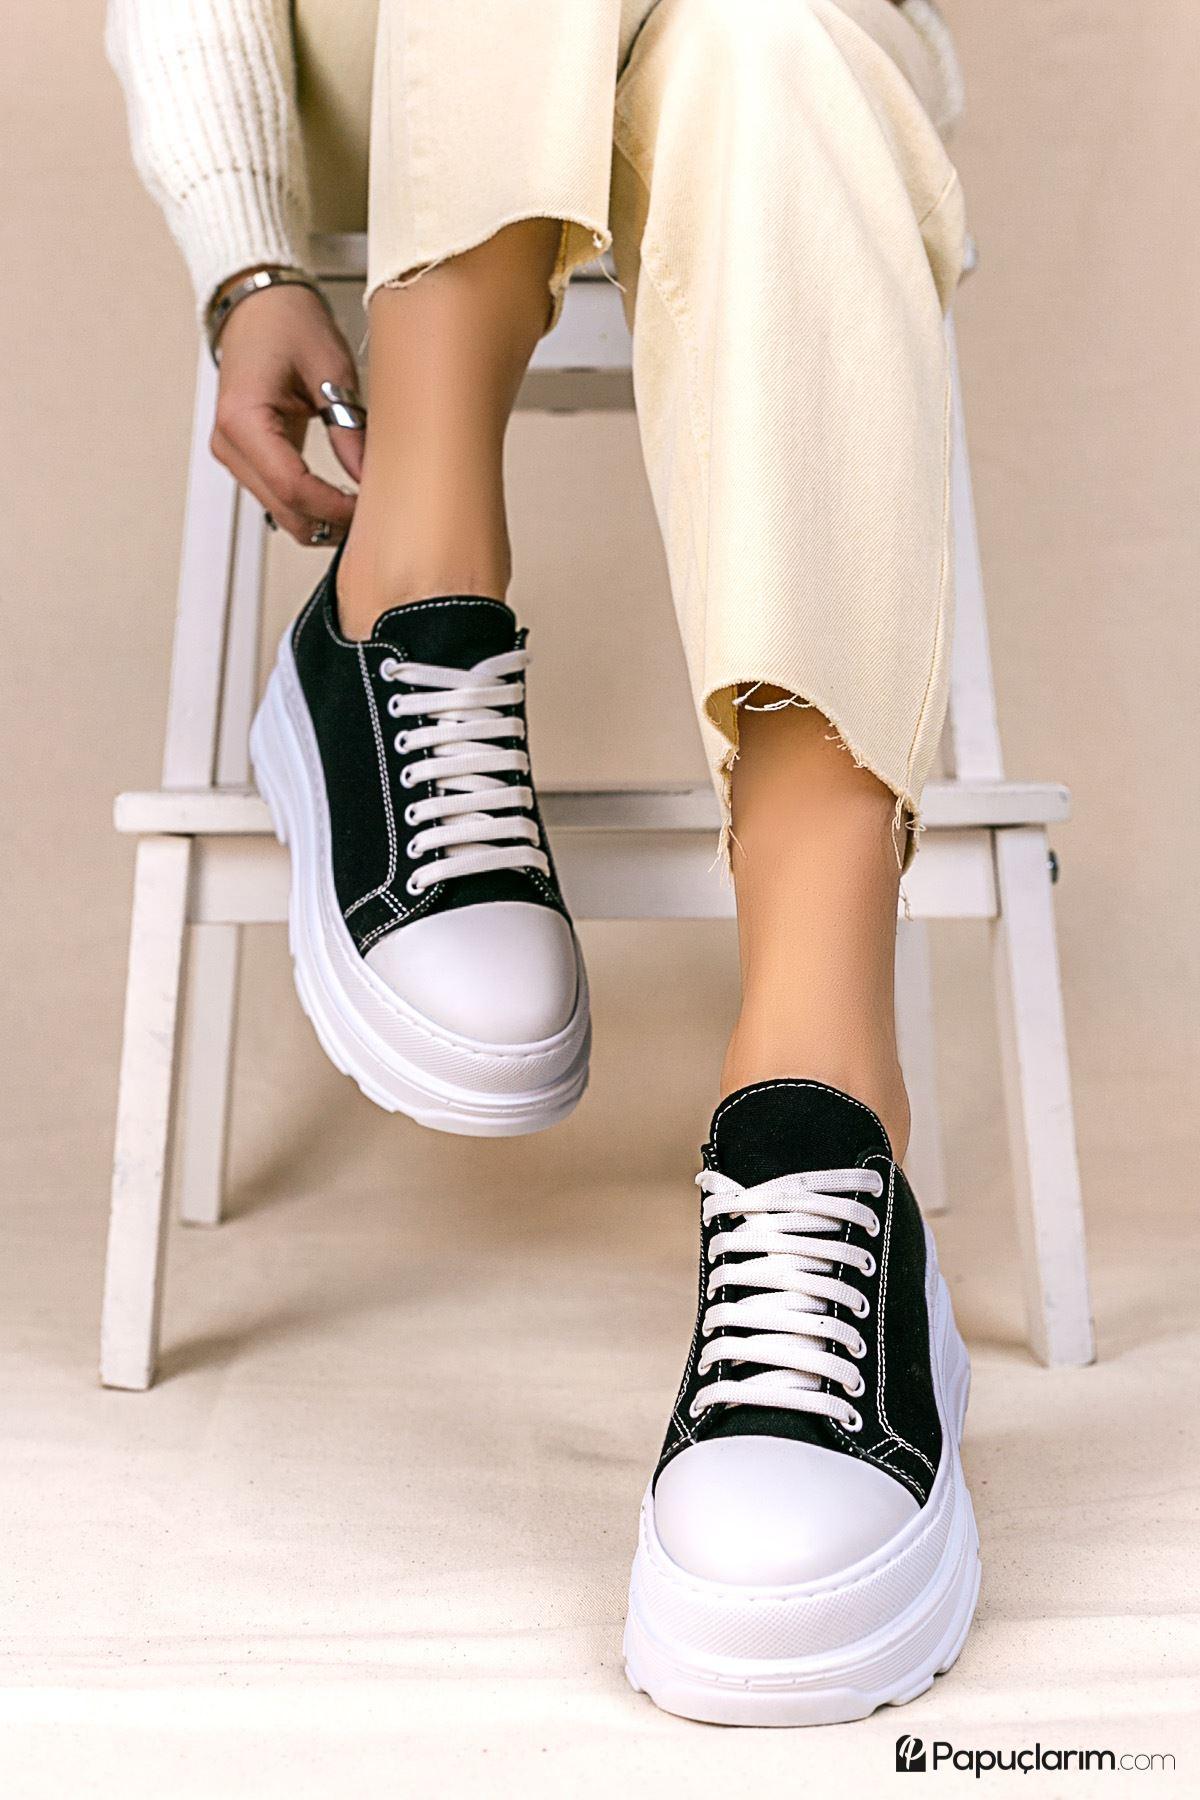 Dubai Siyah Keten Bağcıklı Kadın Spor Ayakkabı